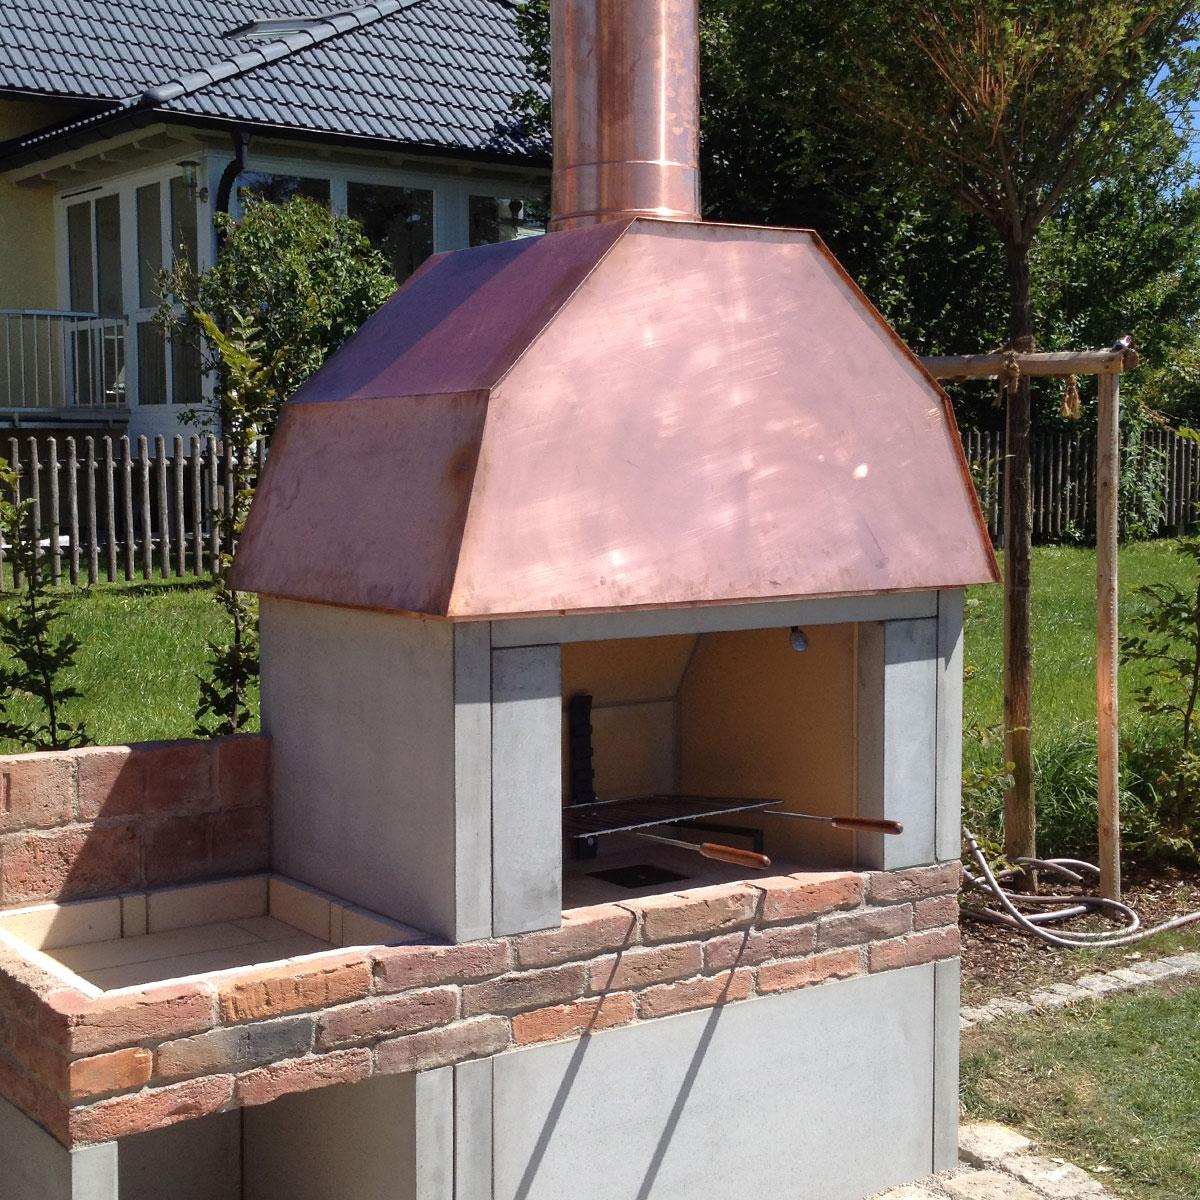 Repariertes Dach eines Ofens im Garten